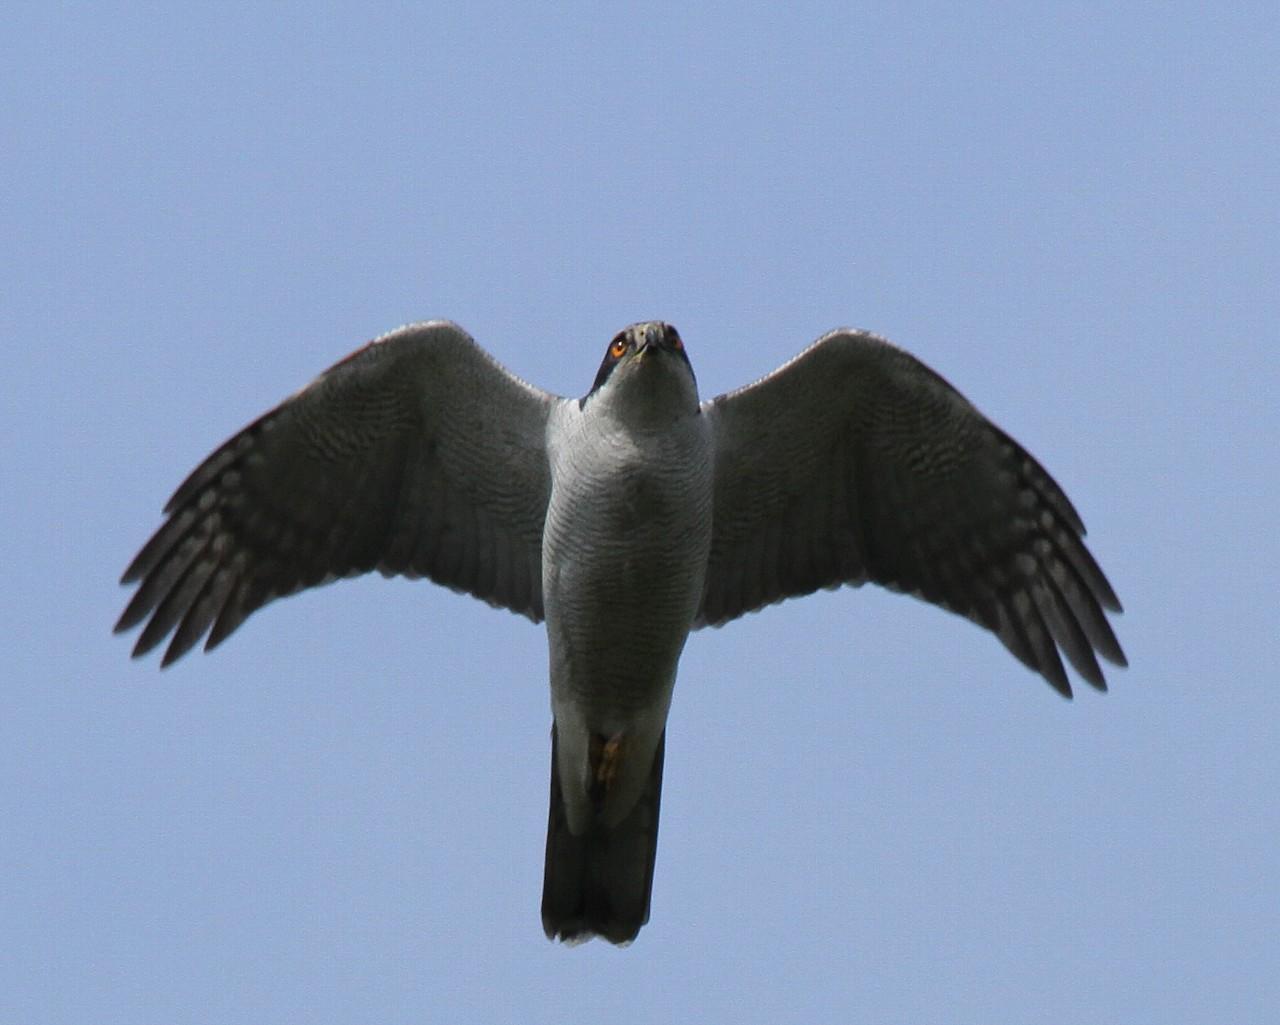 青空背景のオオタカ飛翔_f0105570_21425017.jpg